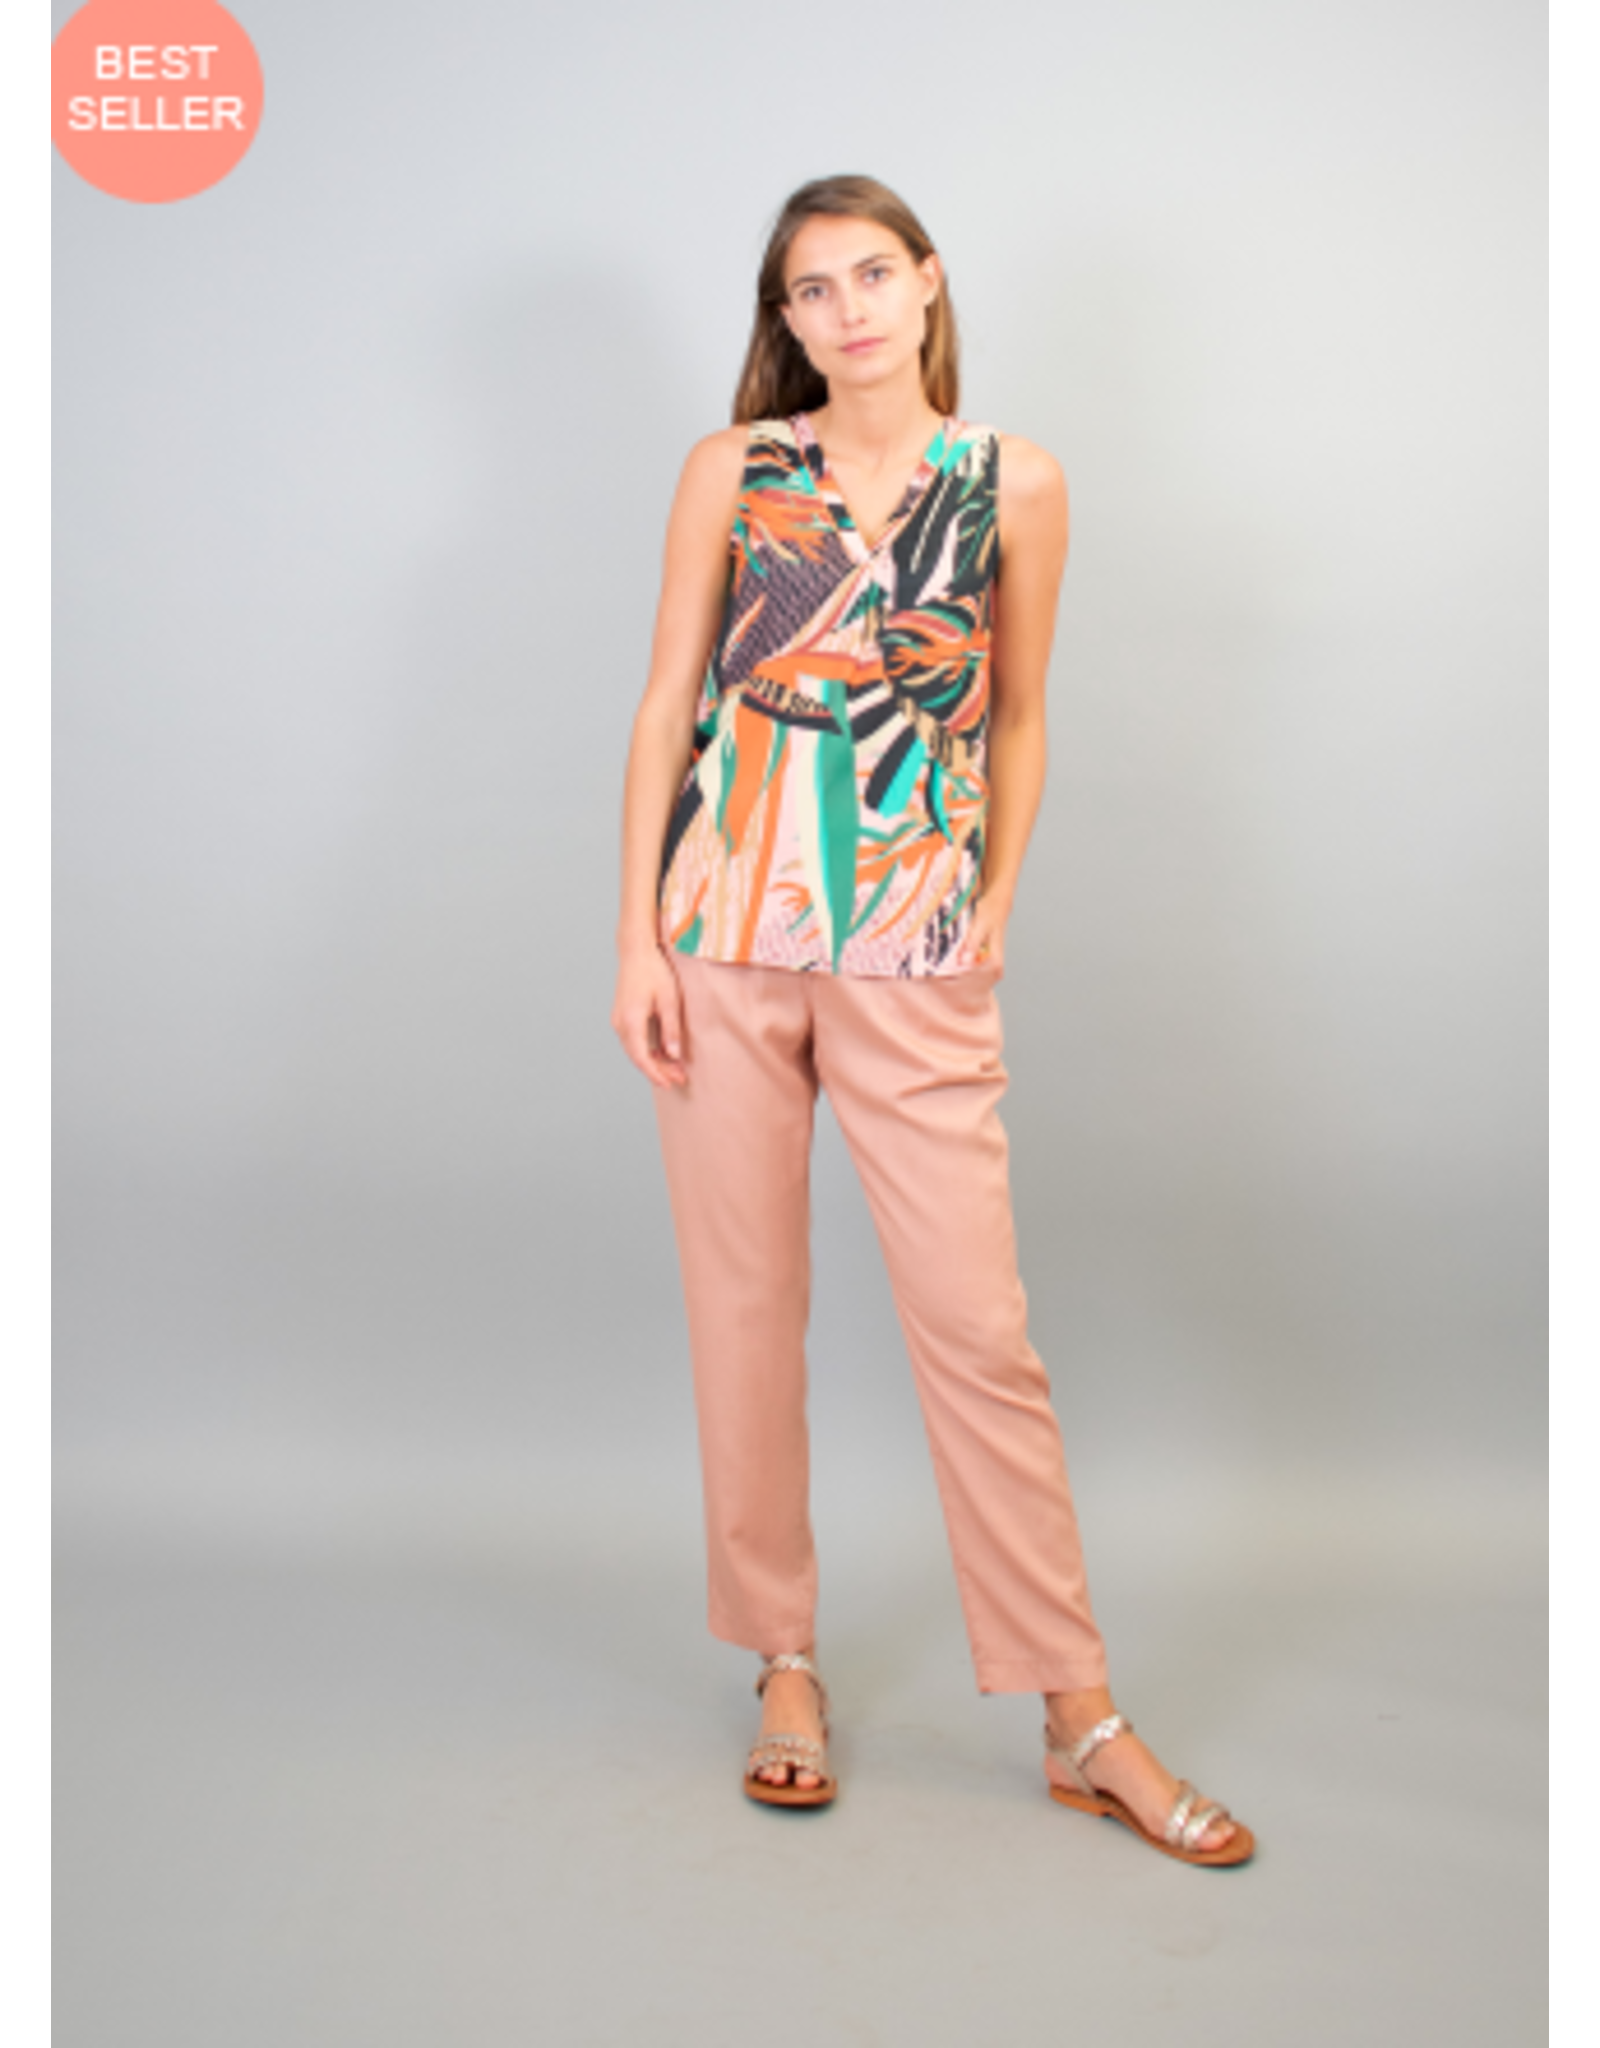 La Fee Maraboutee Sleeveless V Neck Tropical Print Top